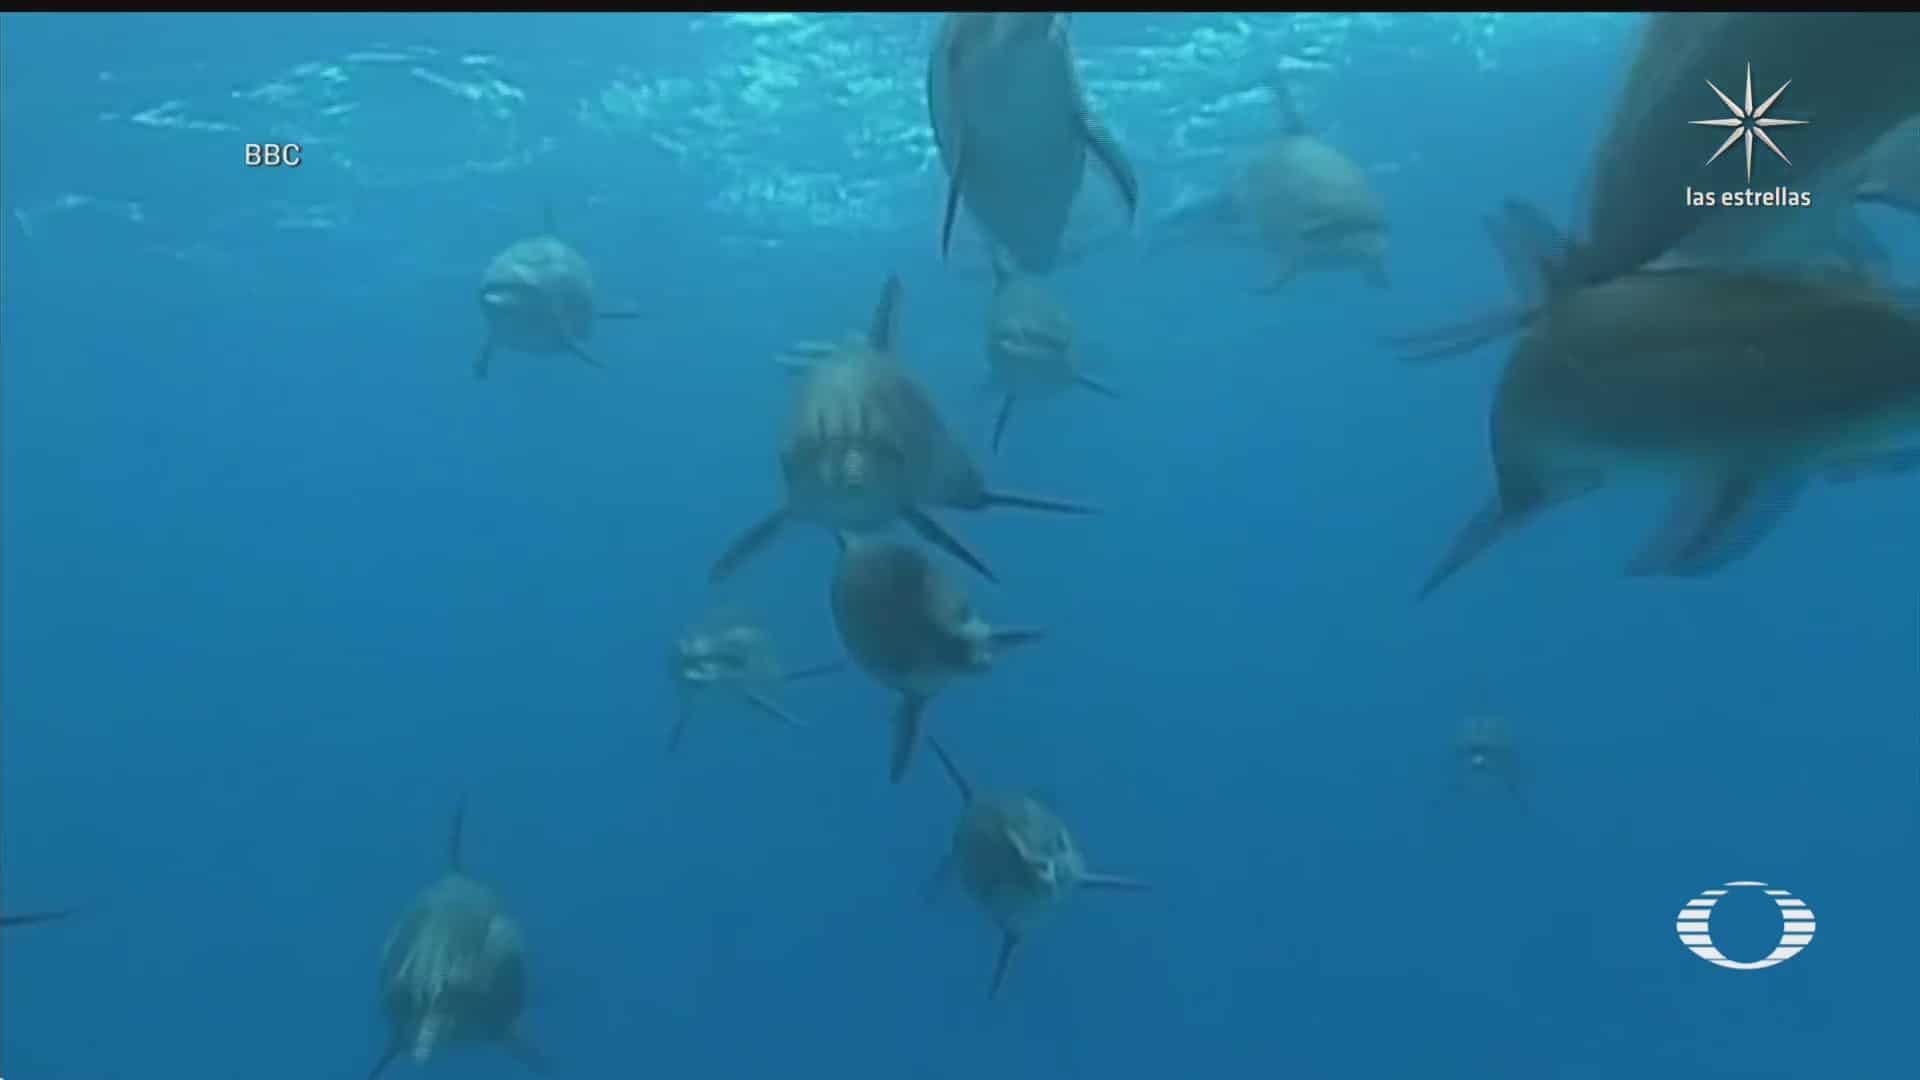 descubren que delfines se sincronizan para dar volteretas